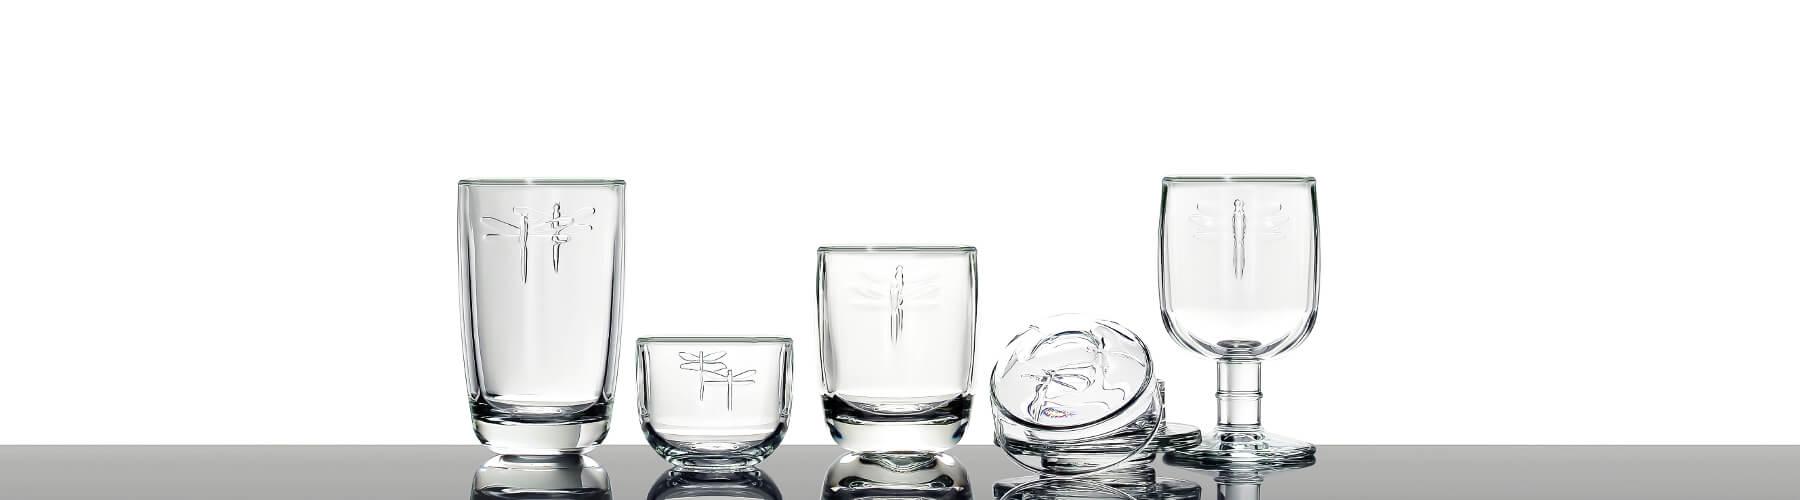 Libelle Trinkglaser Von La Rochere Glasklar Berlin